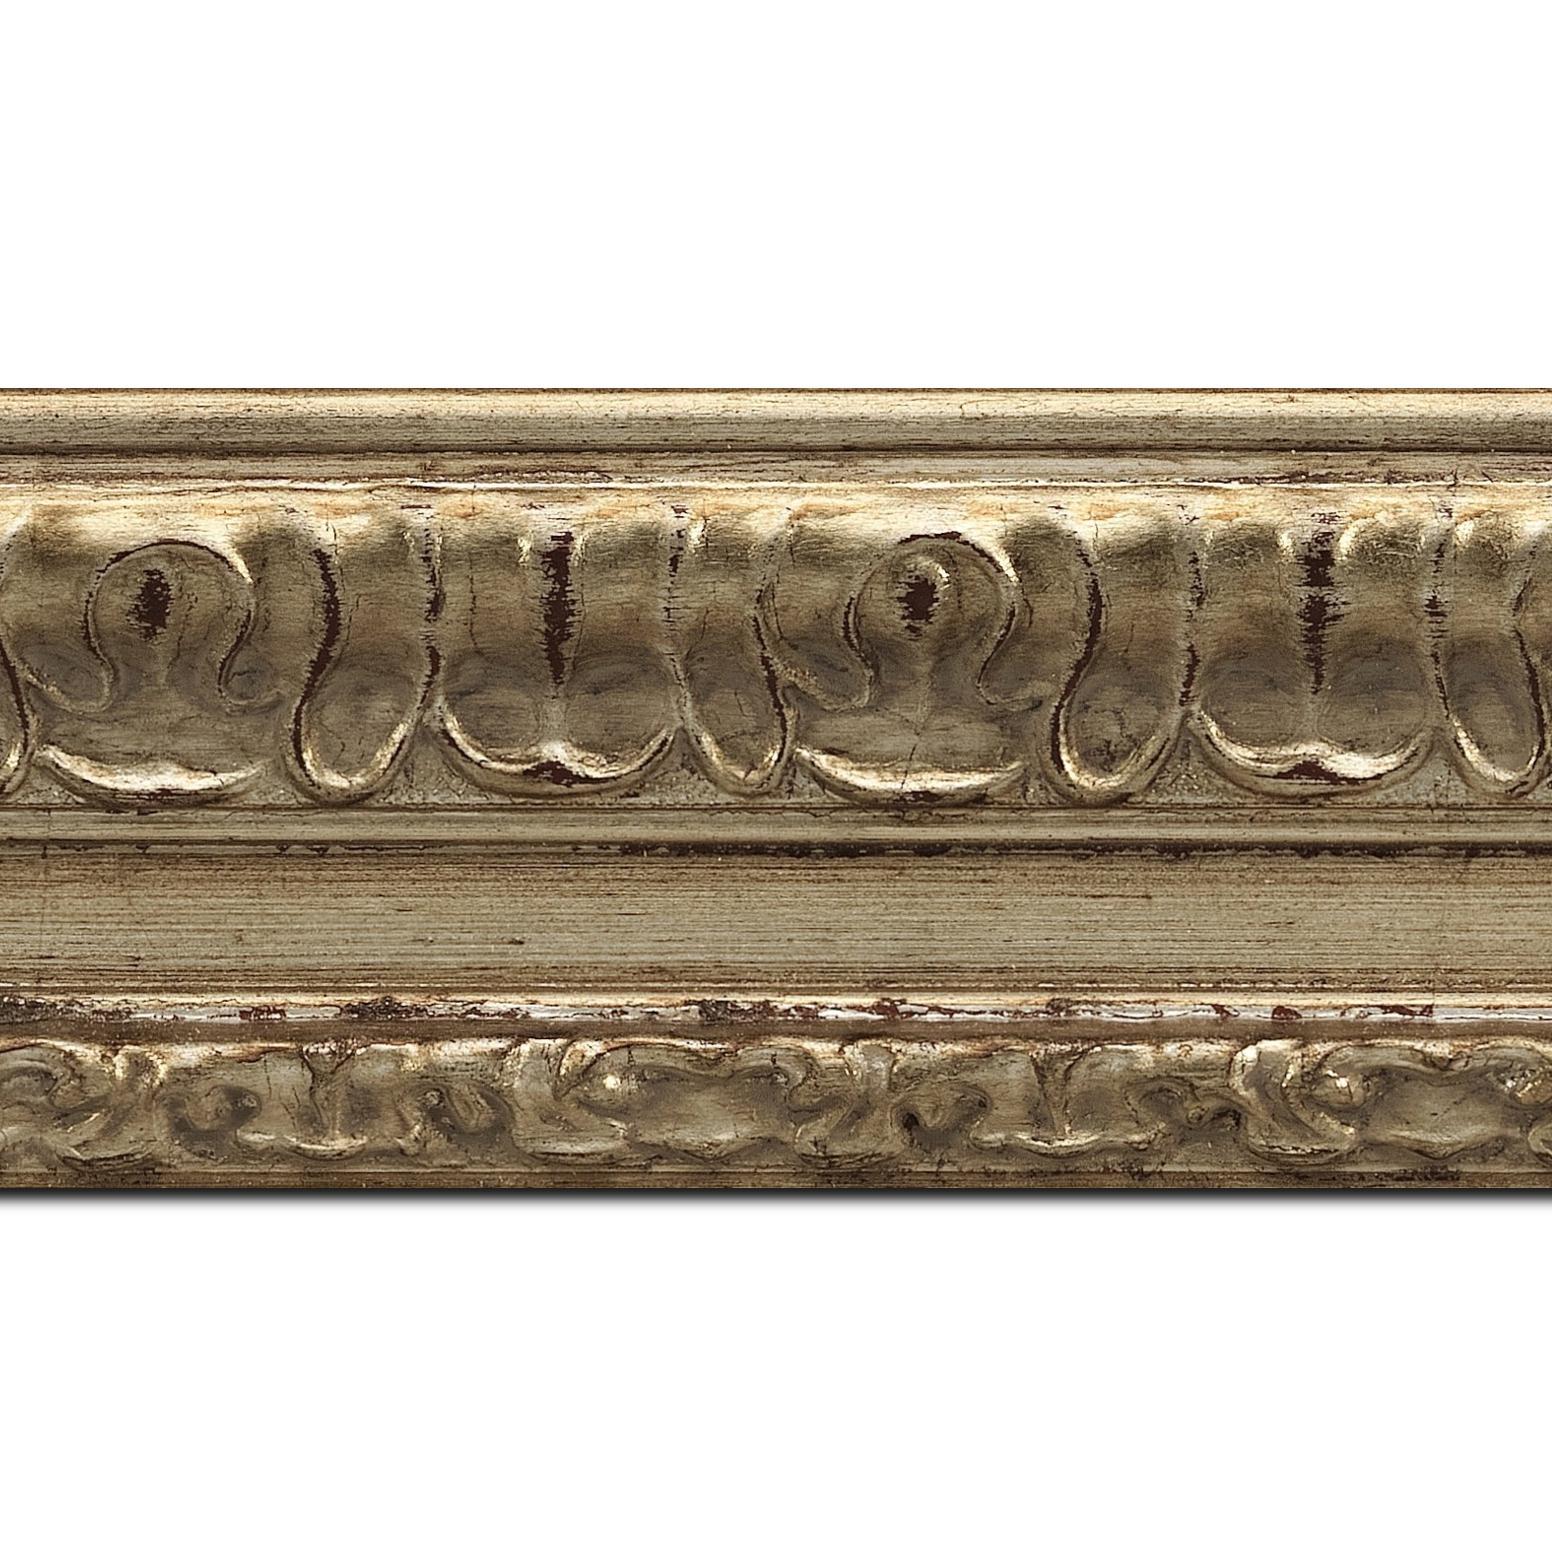 Baguette longueur 1.40m bois profil incurvé largeur 8cm argent chaud antique classique